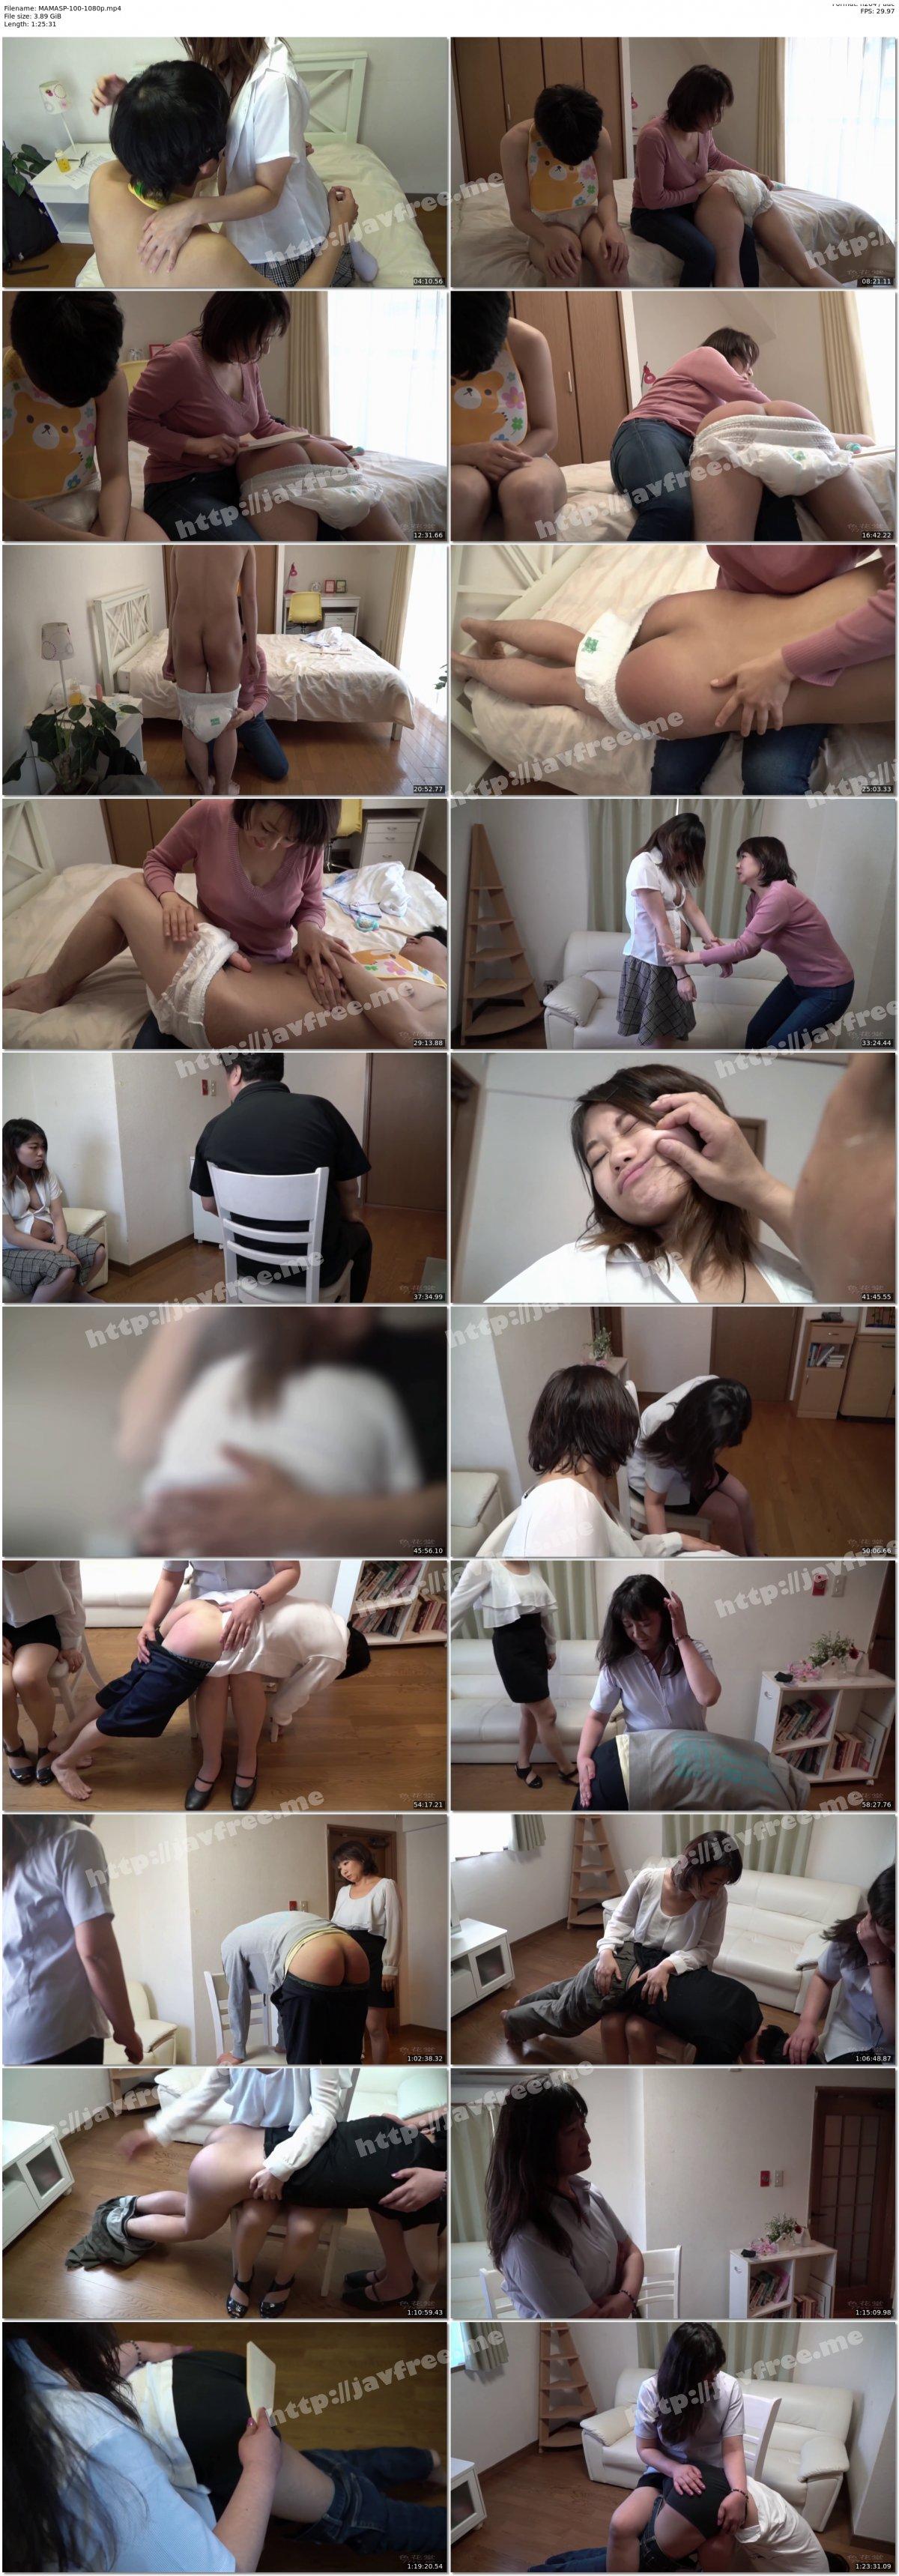 [HD][MAMASP-100] 「ママのお仕置きは膝の上」VOL.1 リアル妊婦22才エイジプレイ&超ドS女教師のハードスパンキングでおしおき! - image MAMASP-100-1080p on https://javfree.me